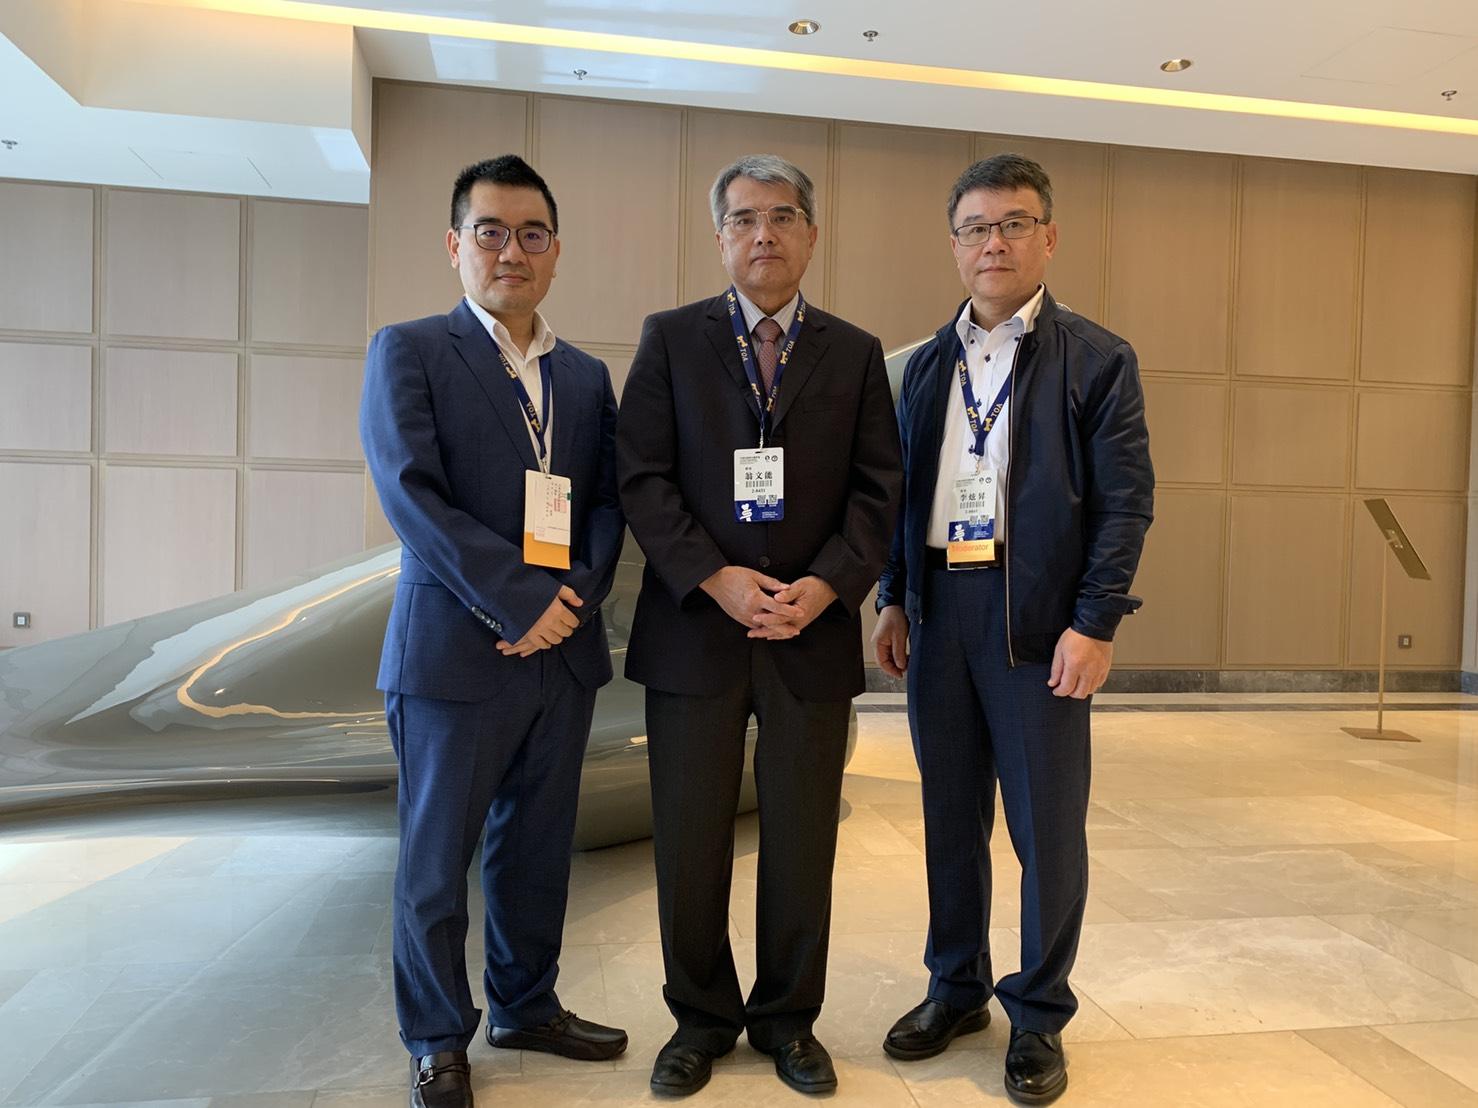 研究團隊照片(左起為張毓翰教授、翁文能教授、李炫昇教授)